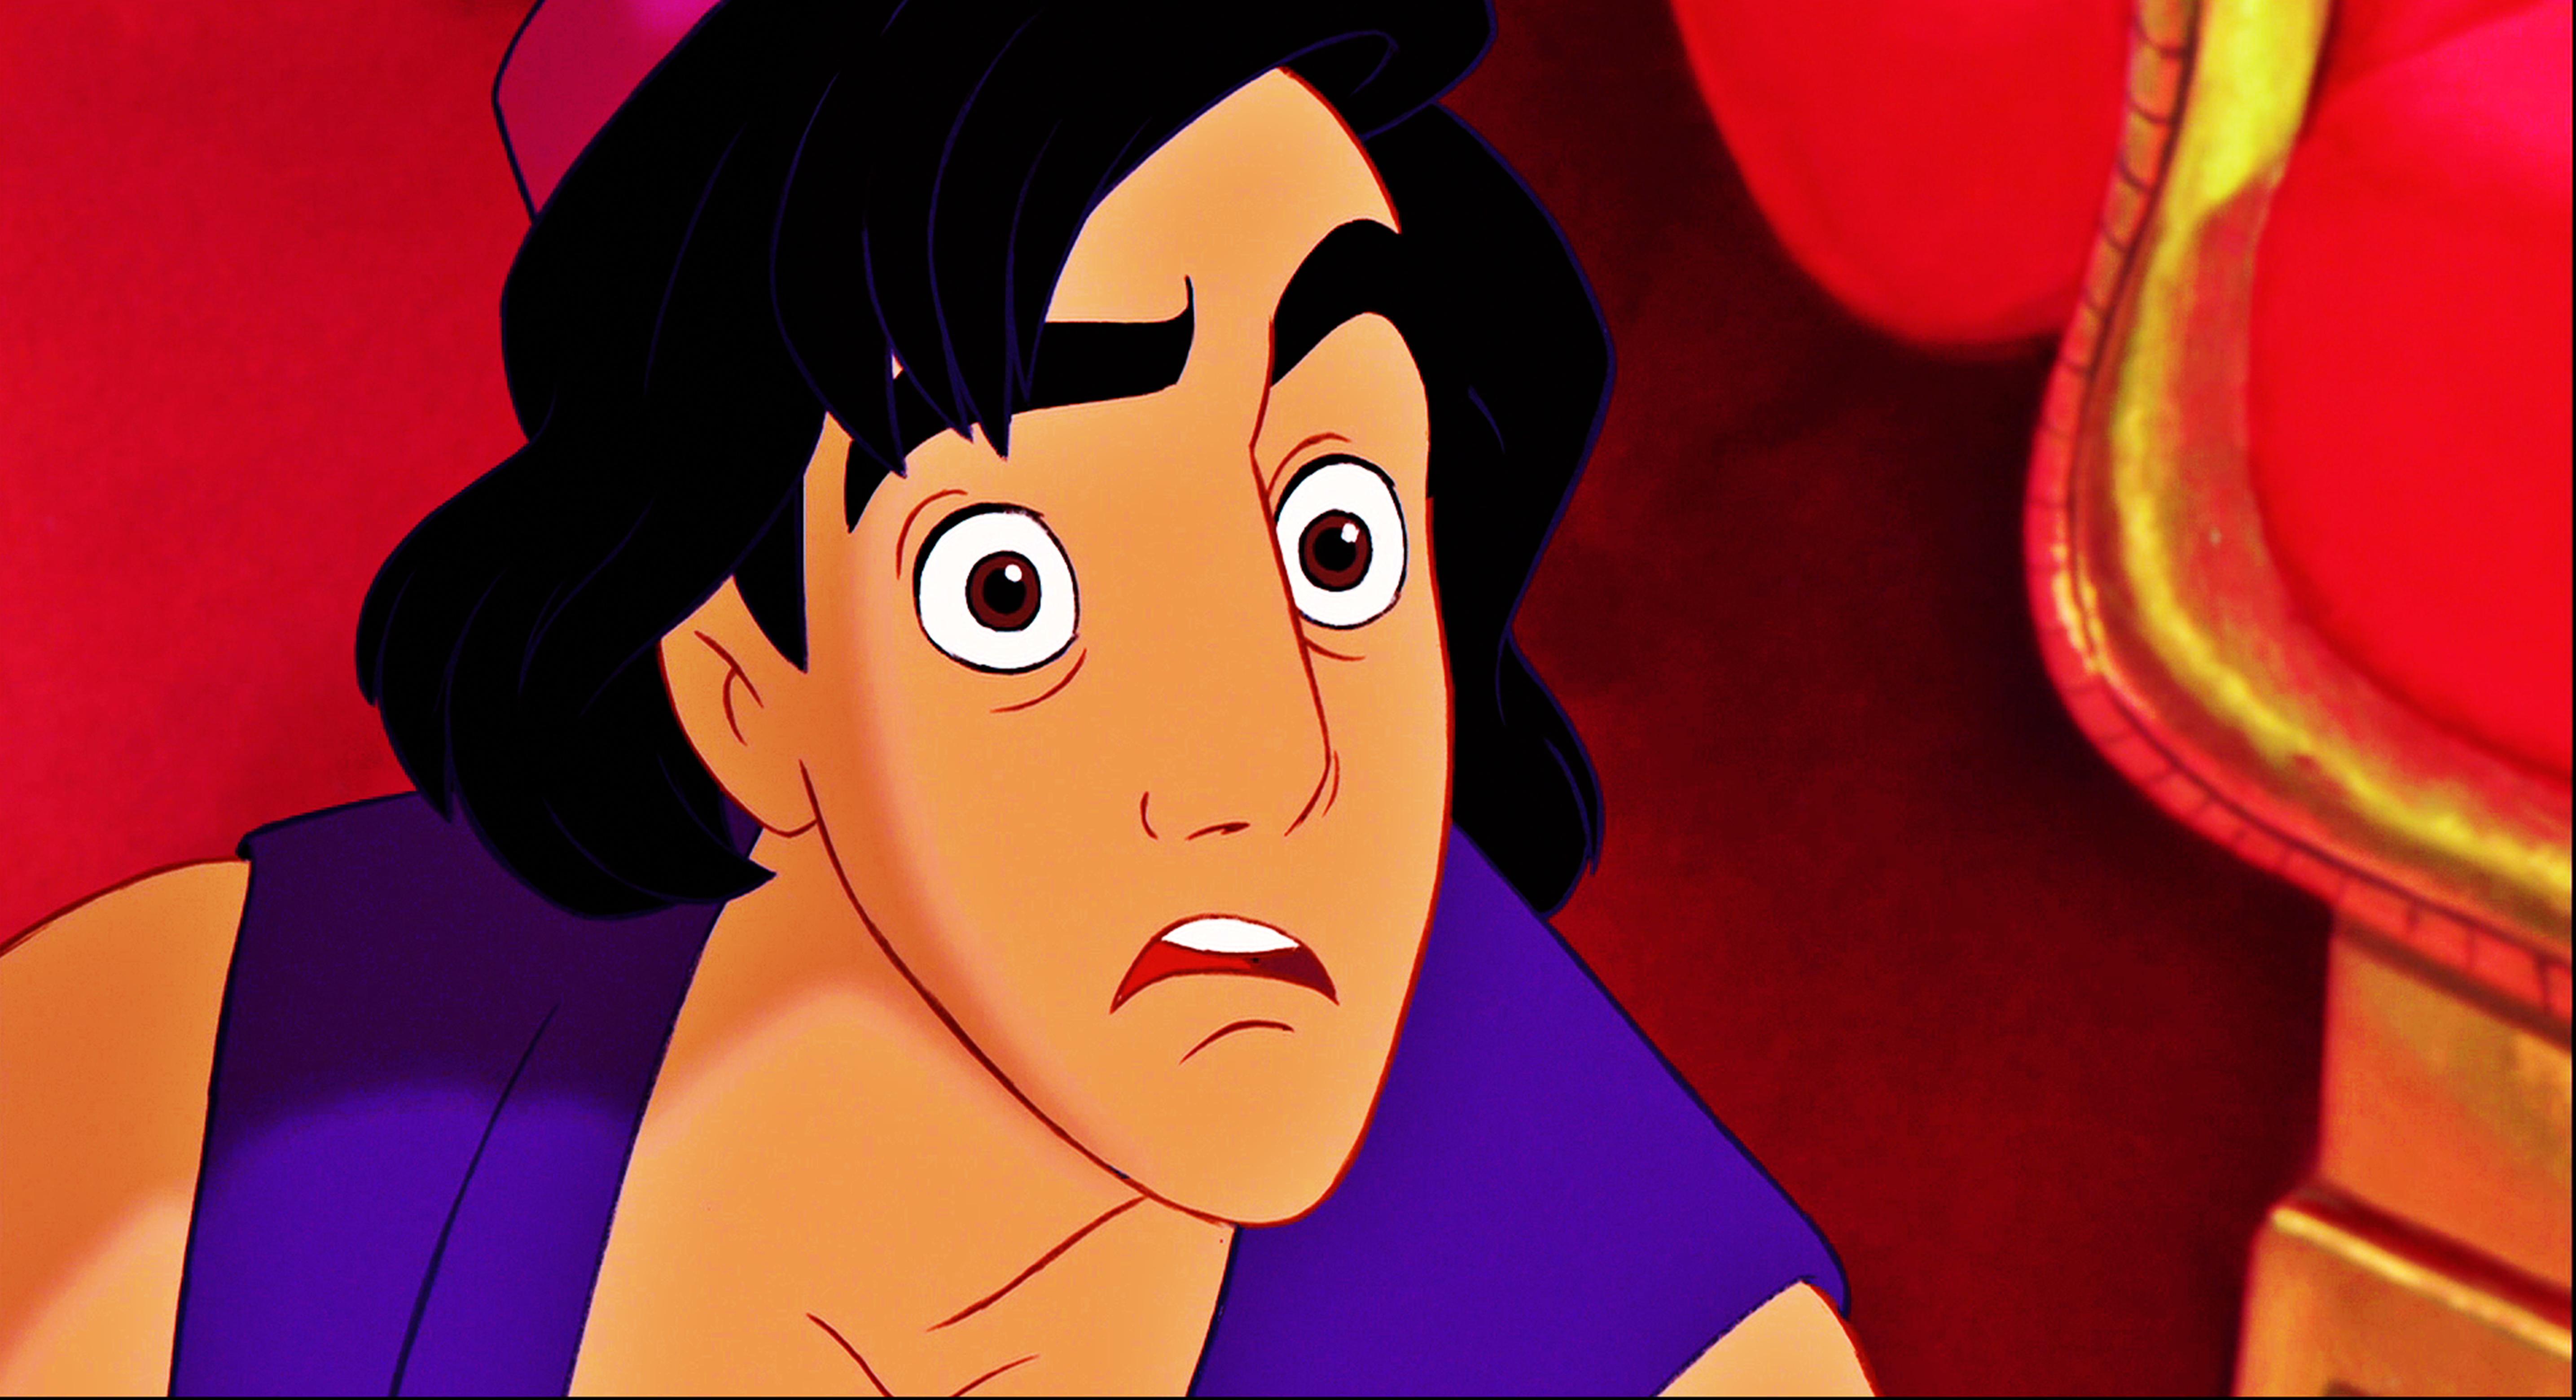 Aladdin Disney Personnages personnages de walt disney images walt disney screencaps - prince